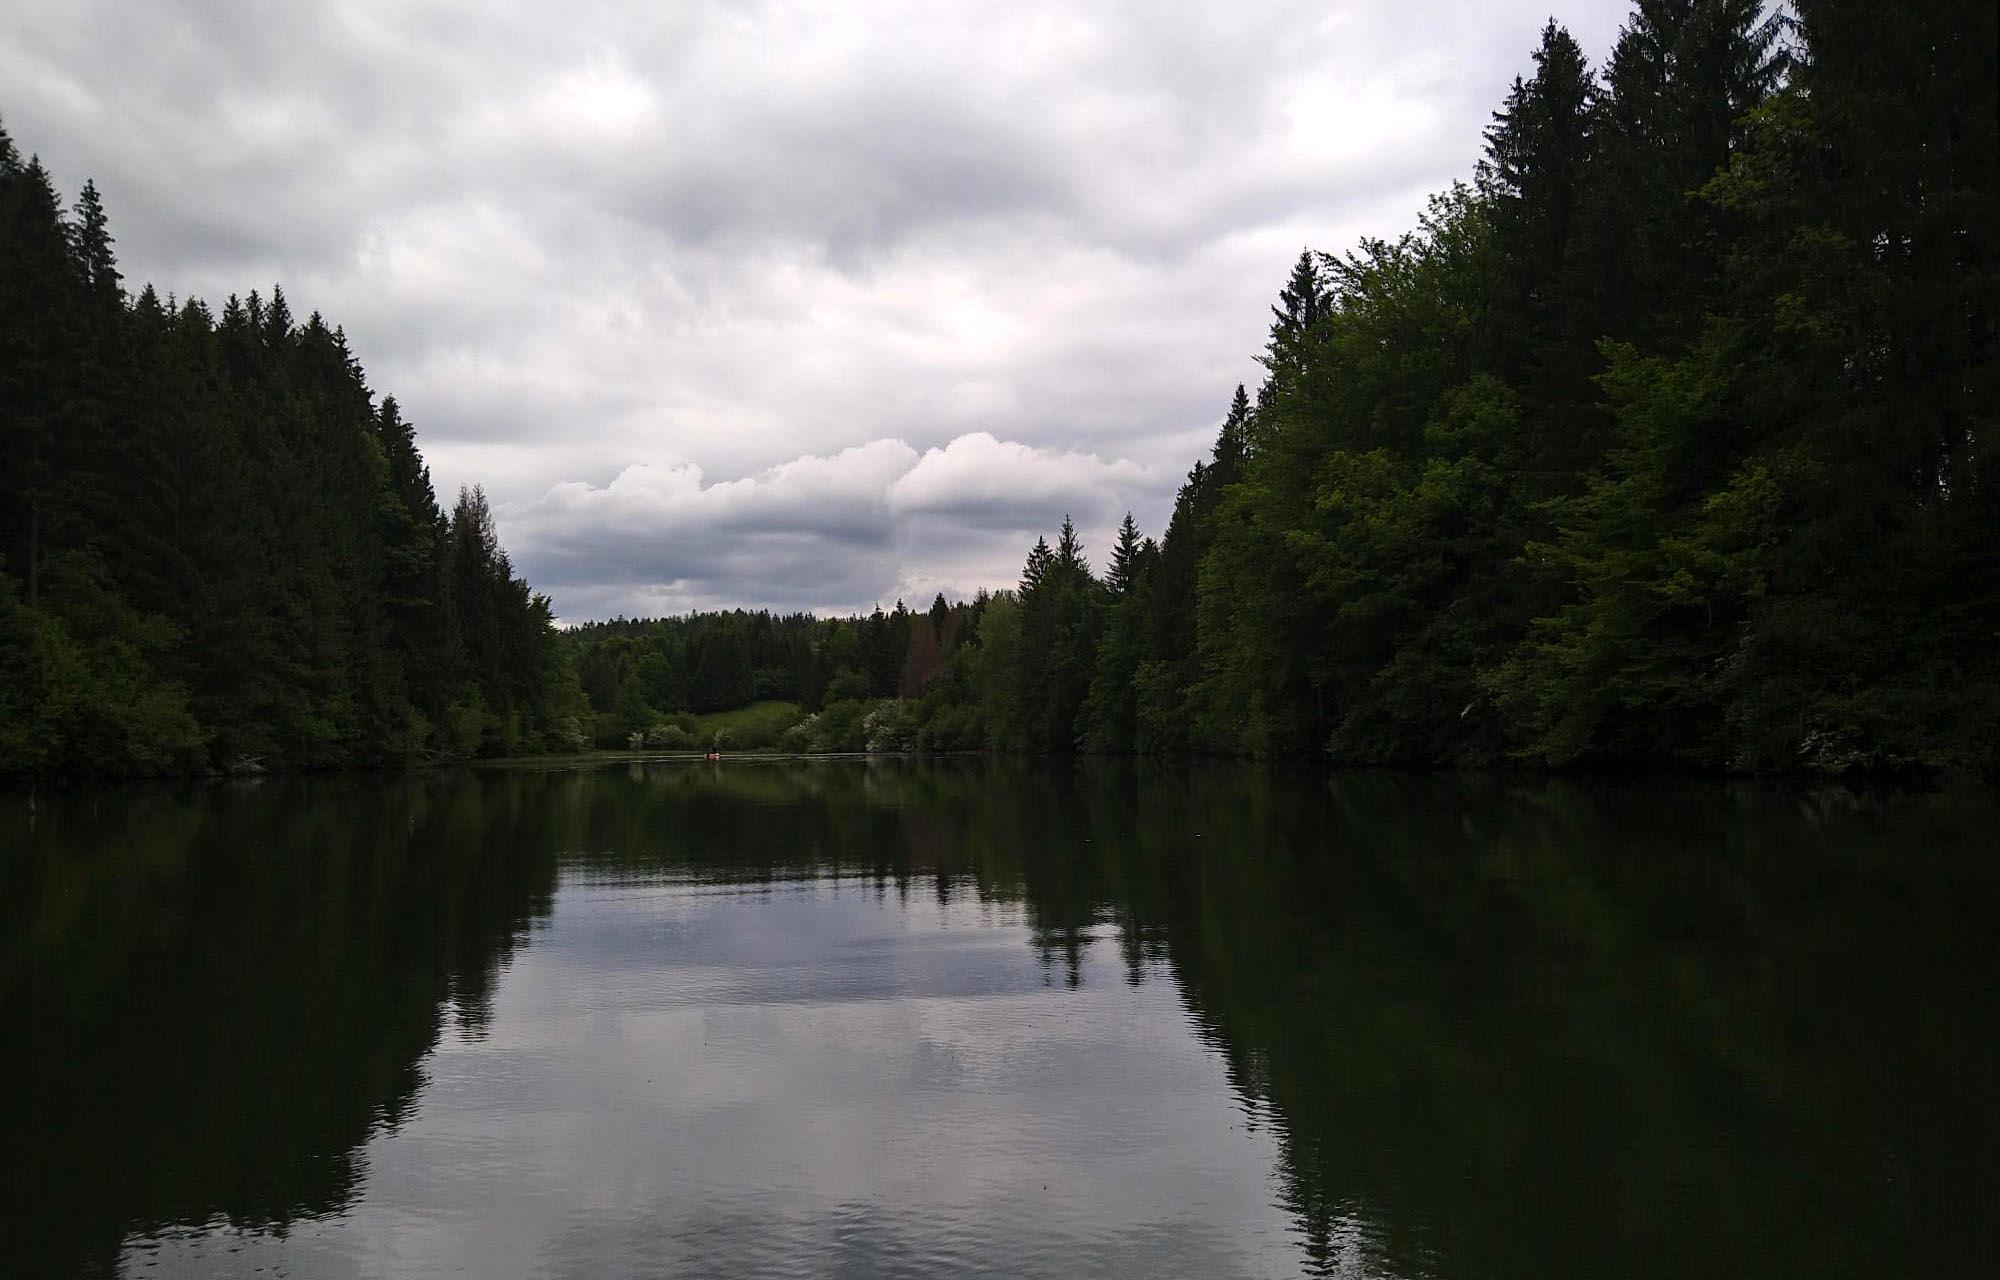 lago in Slovenia dove poter effettuare esperienza sup